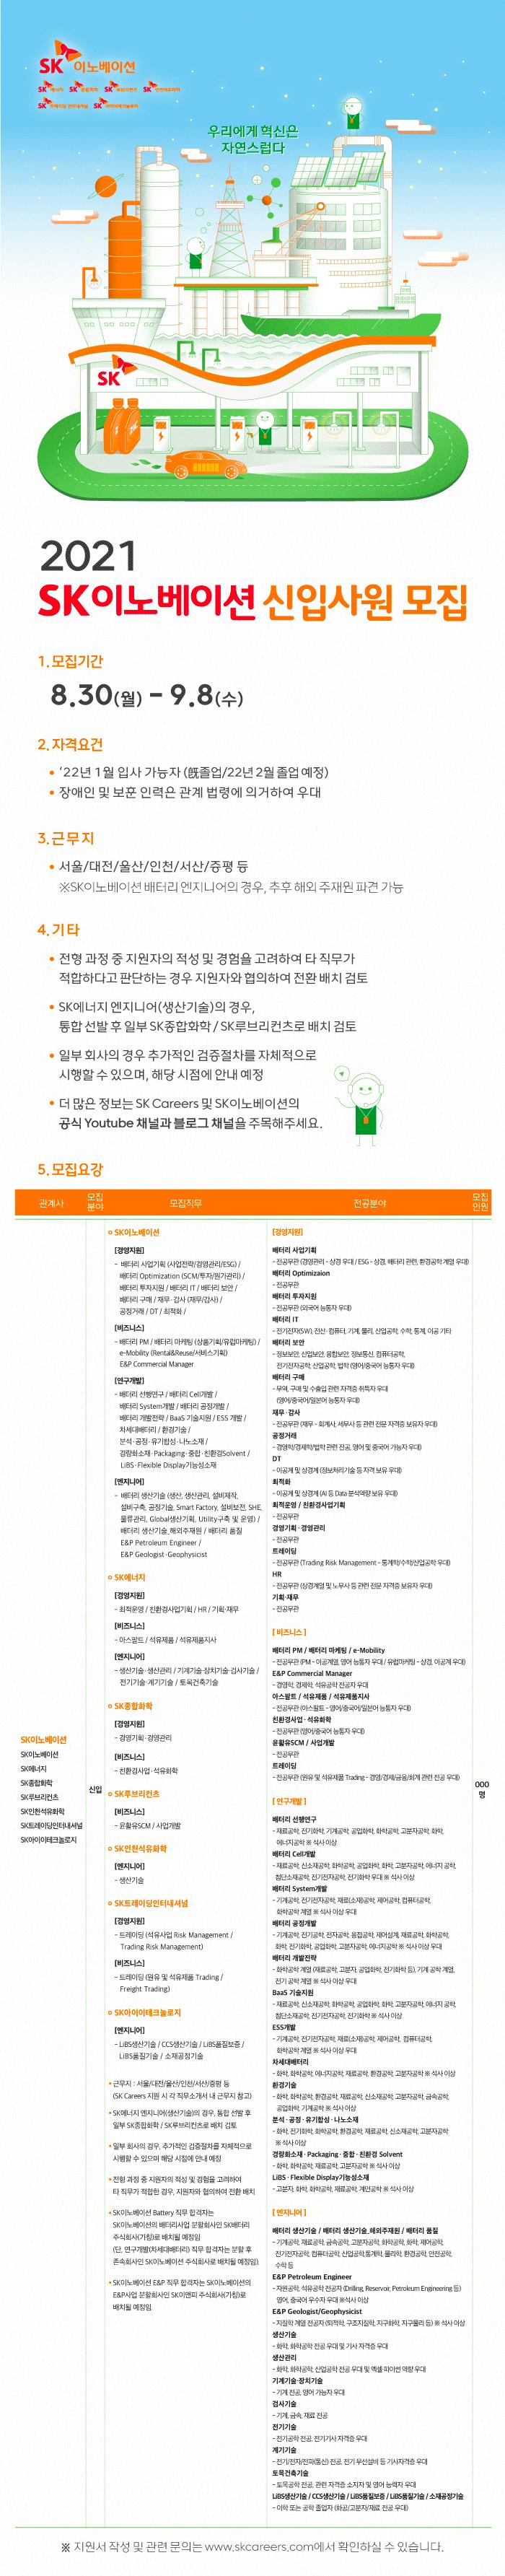 21(하)SK이노베이션_신입사원모집_웹플라이어_(700px)_V2.png